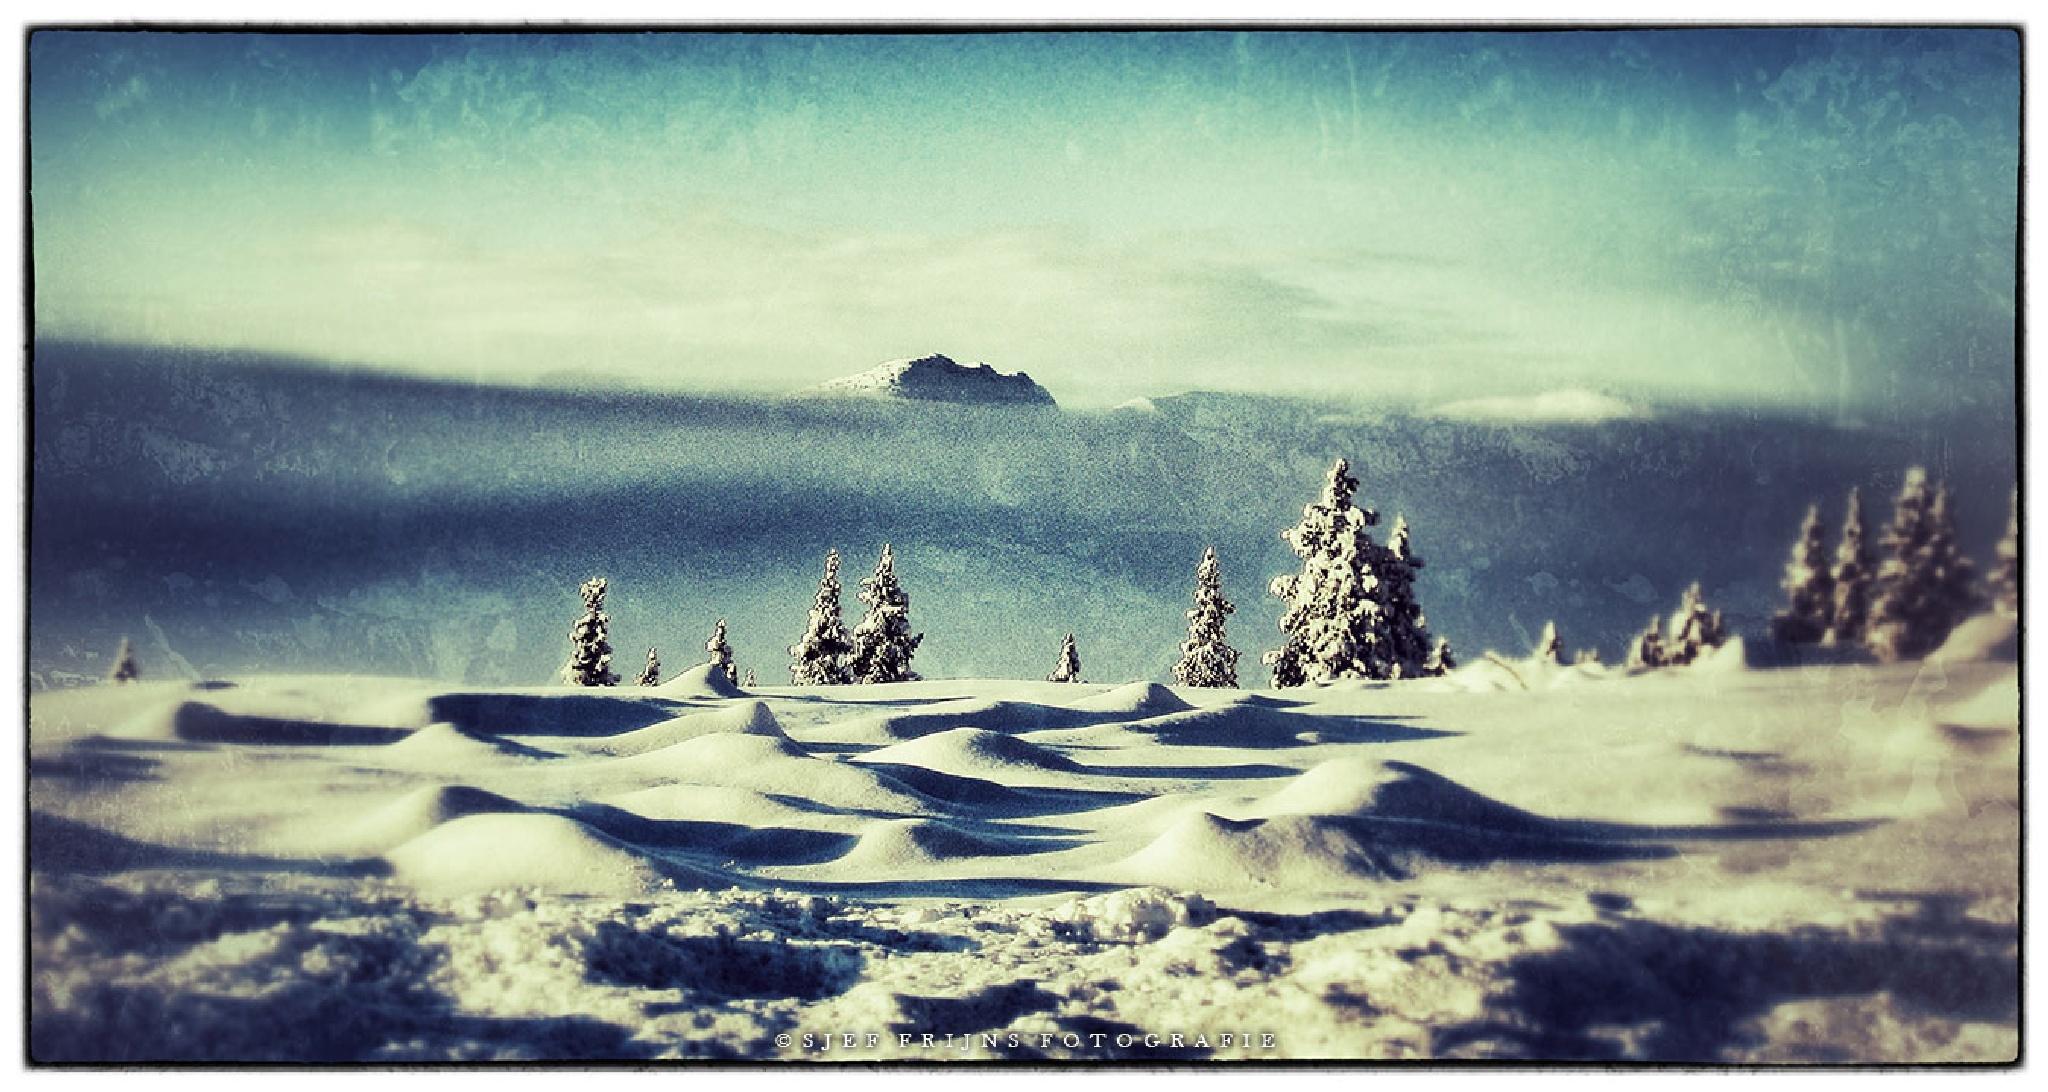 Norway in winter by sjef.frijns